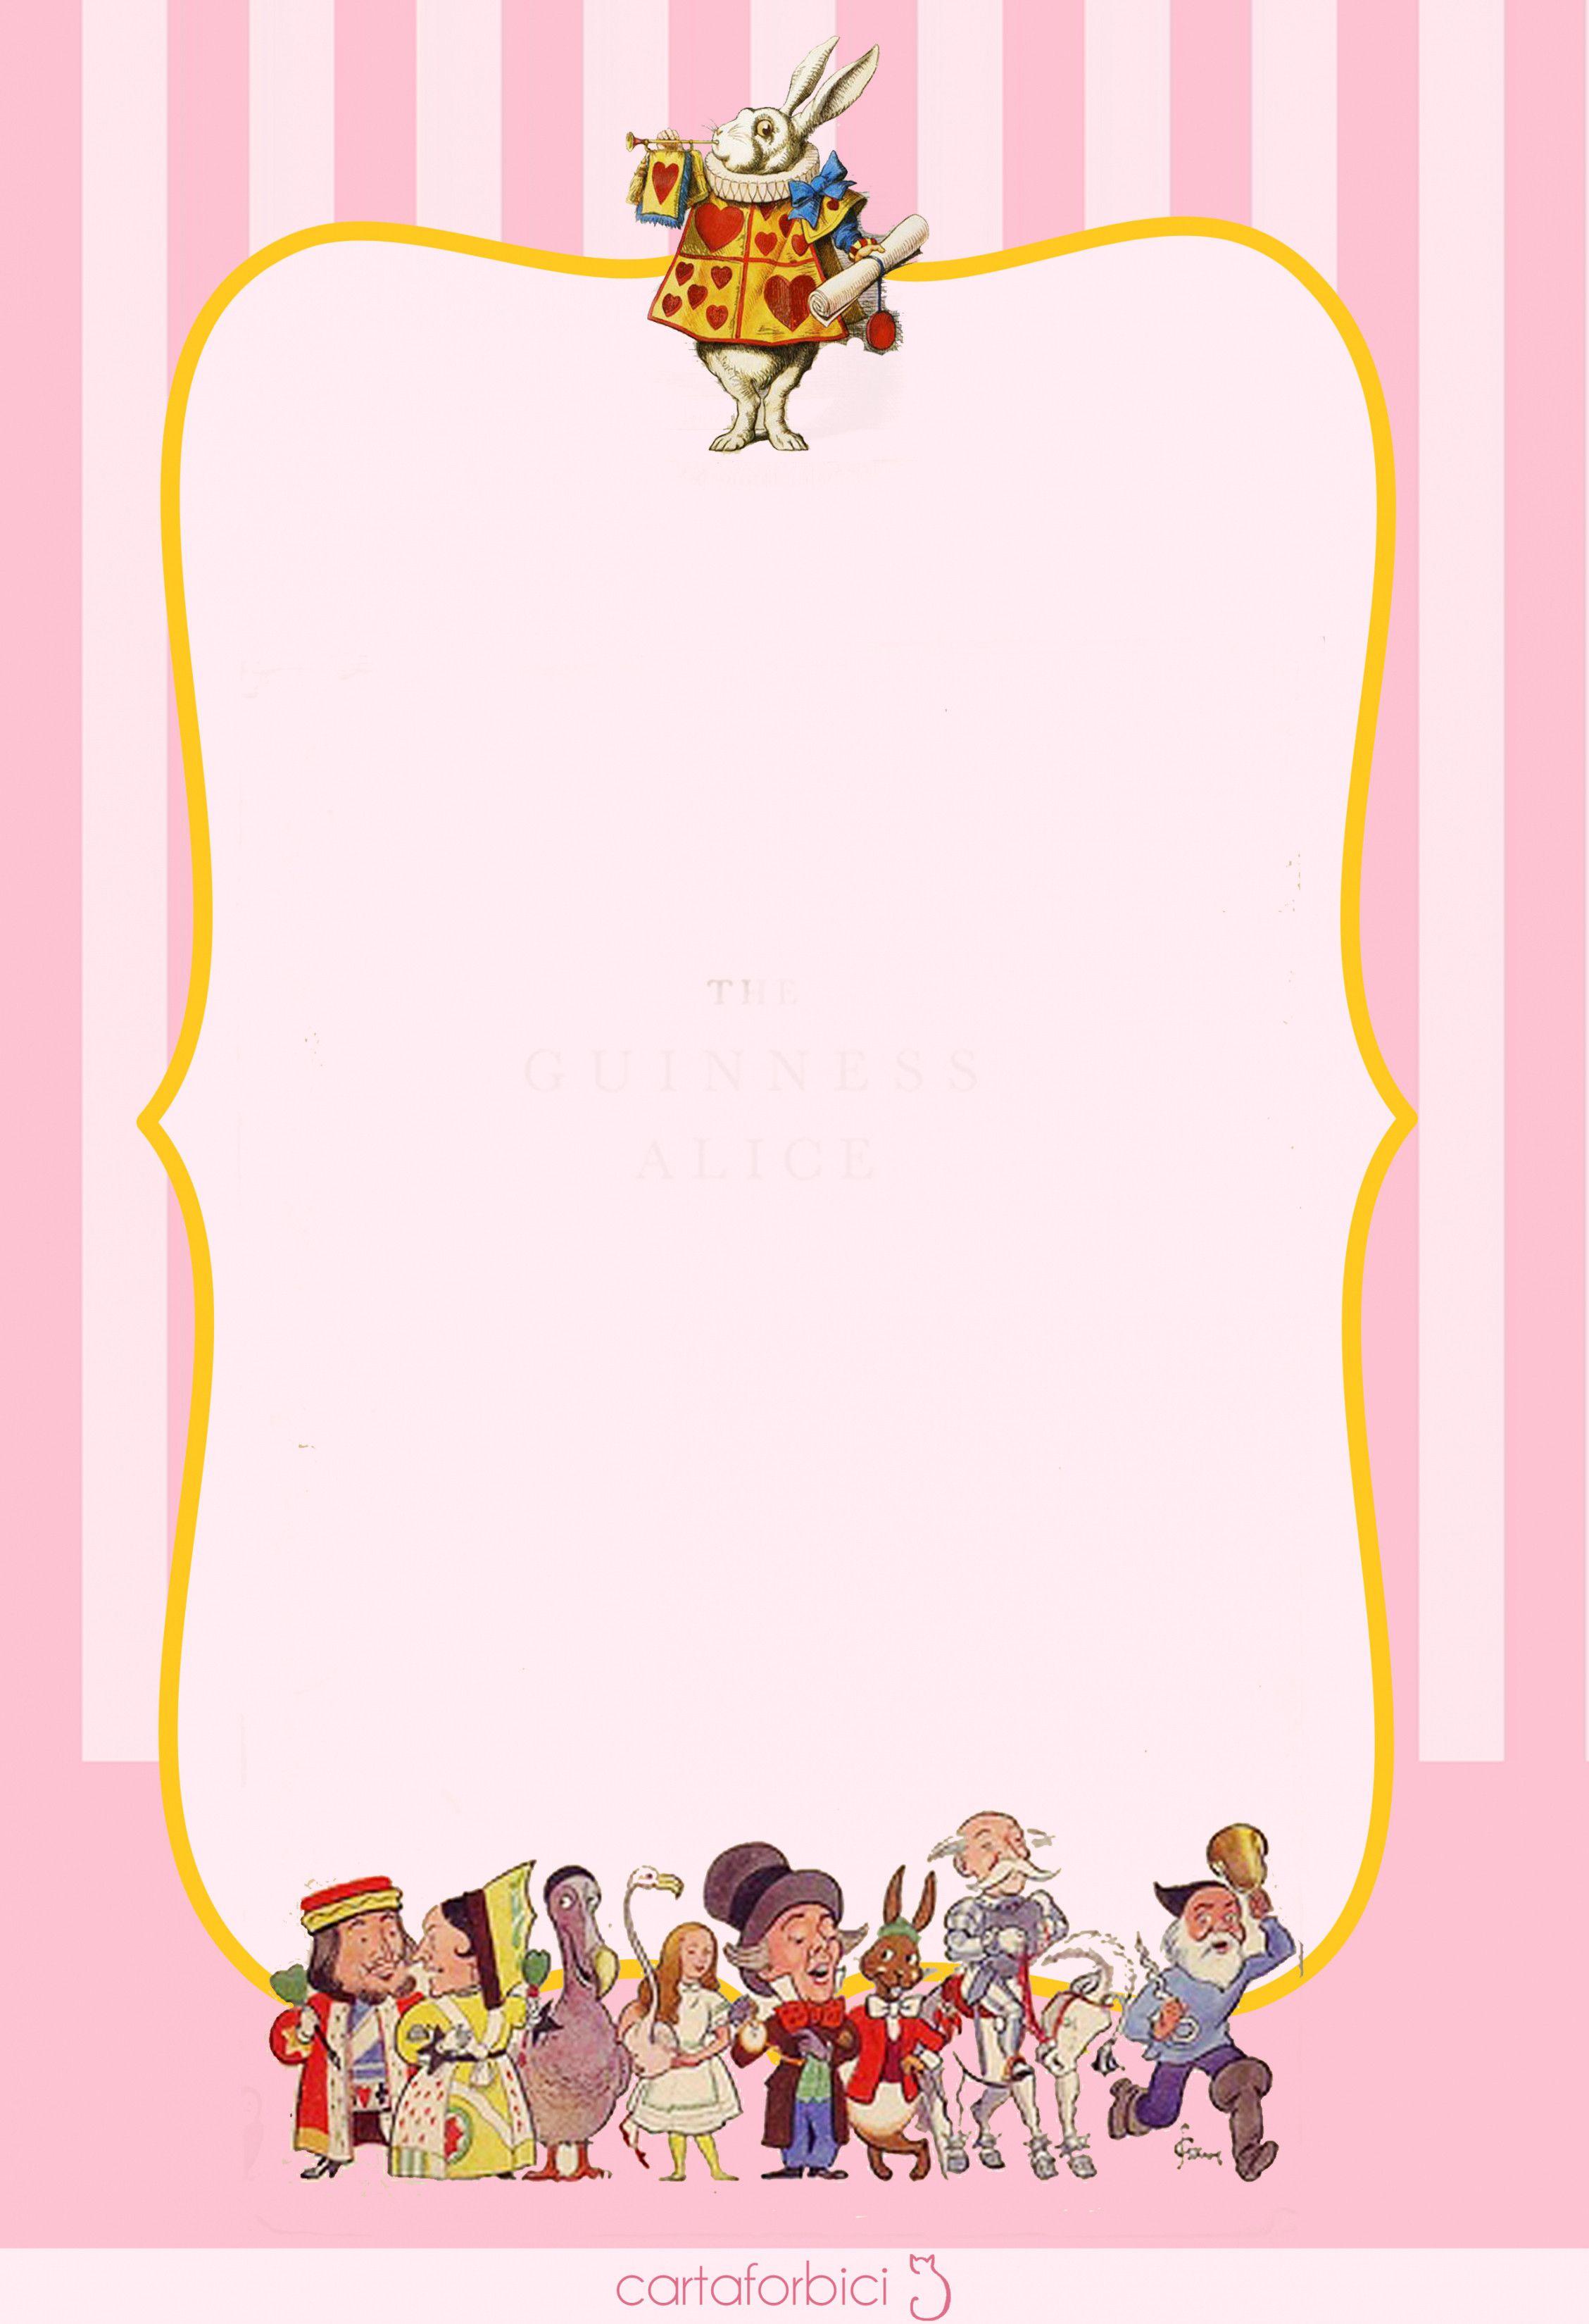 Alice In Wonderland Invite Template Elegant Alice In Invitation